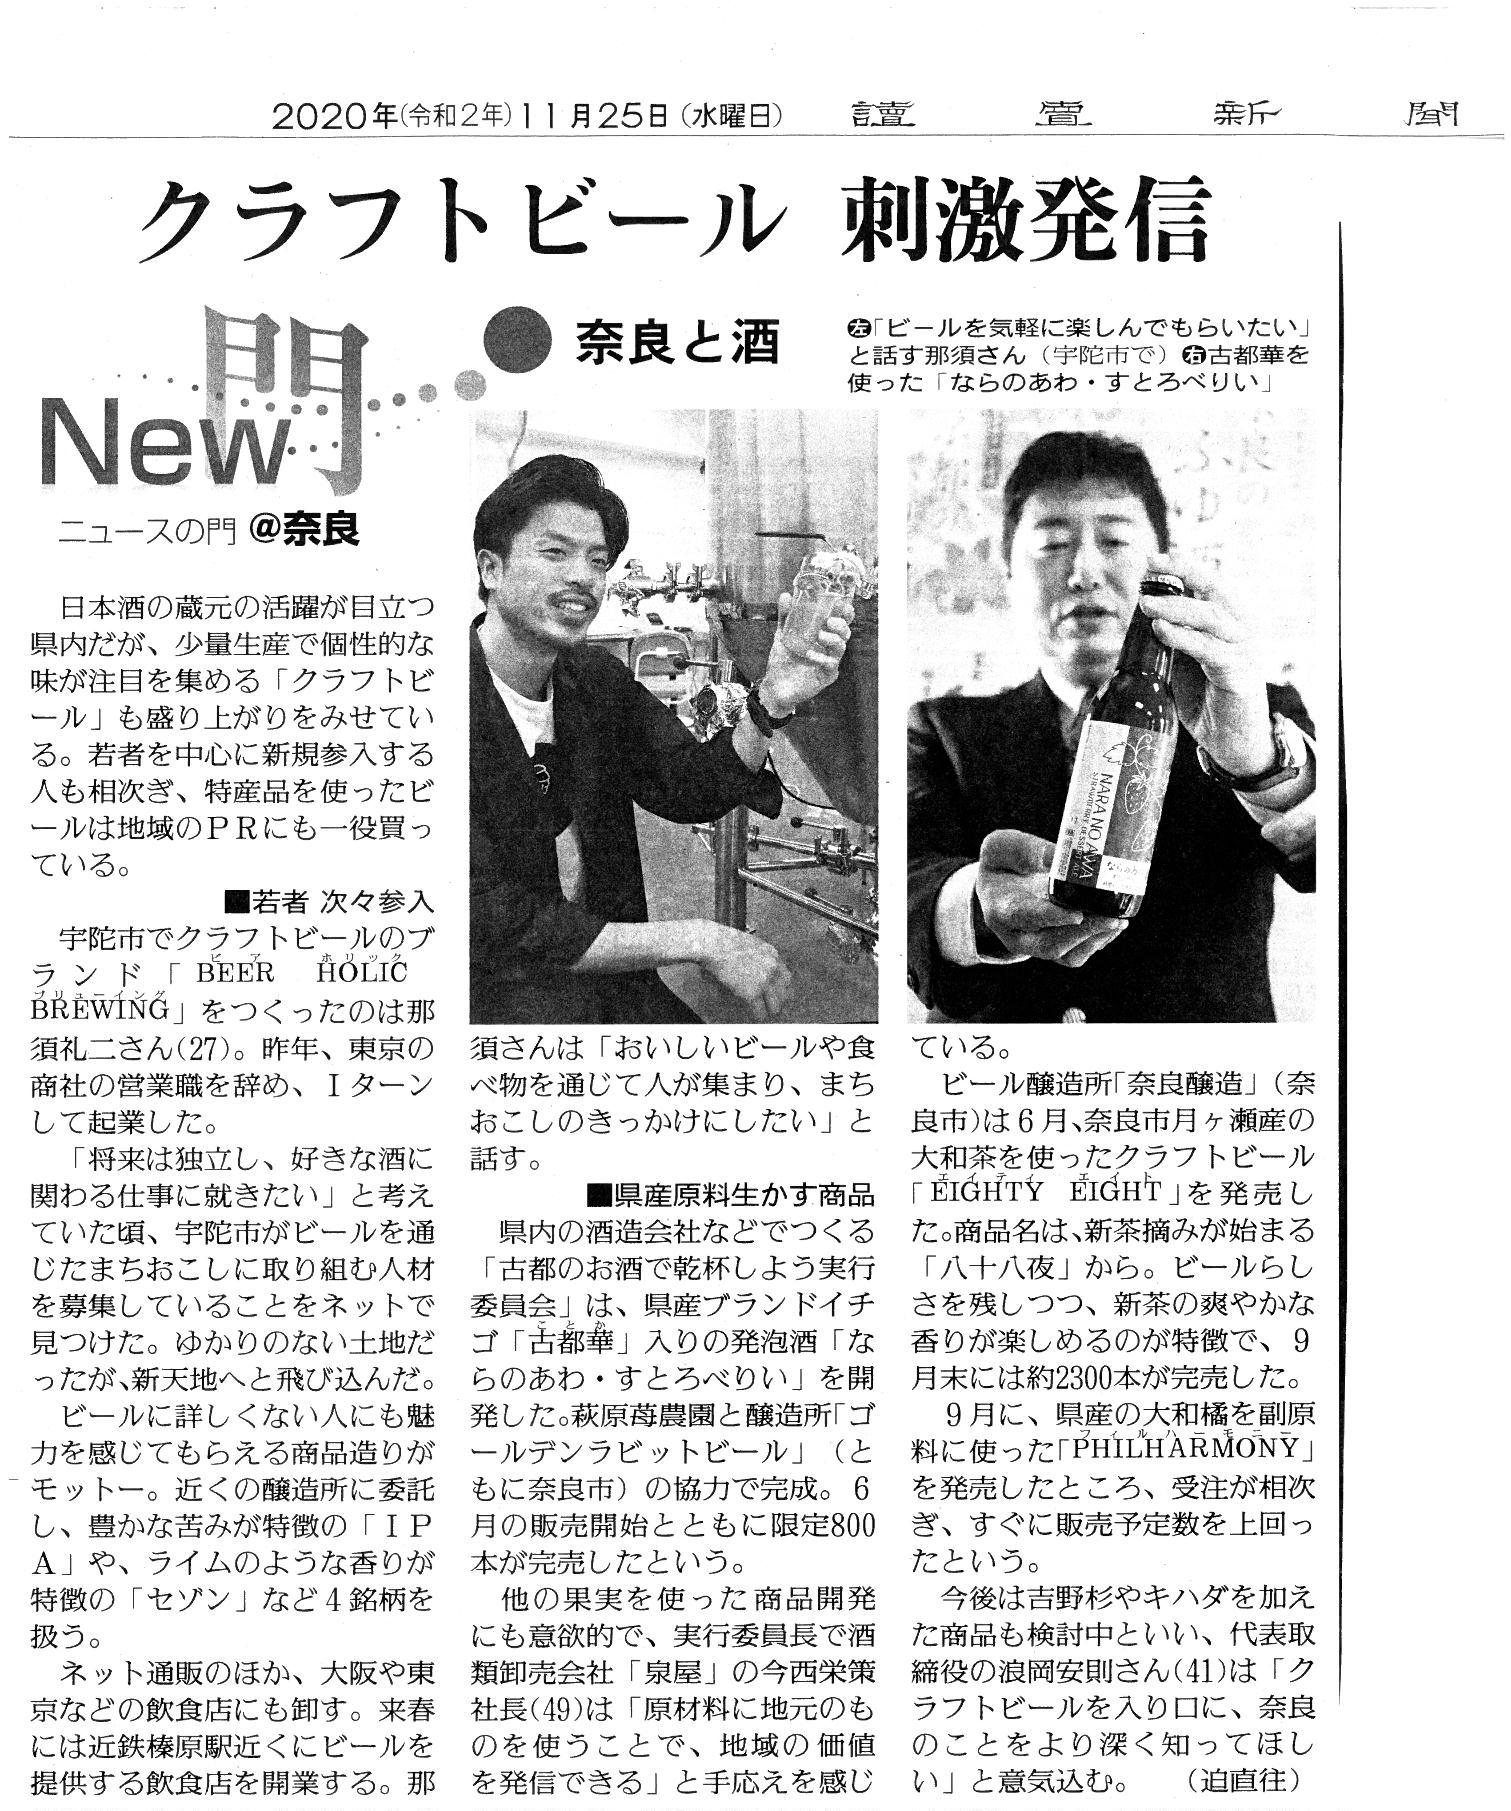 11月25日の読売新聞で「ならのあわす・とろべりい」が紹介されました!